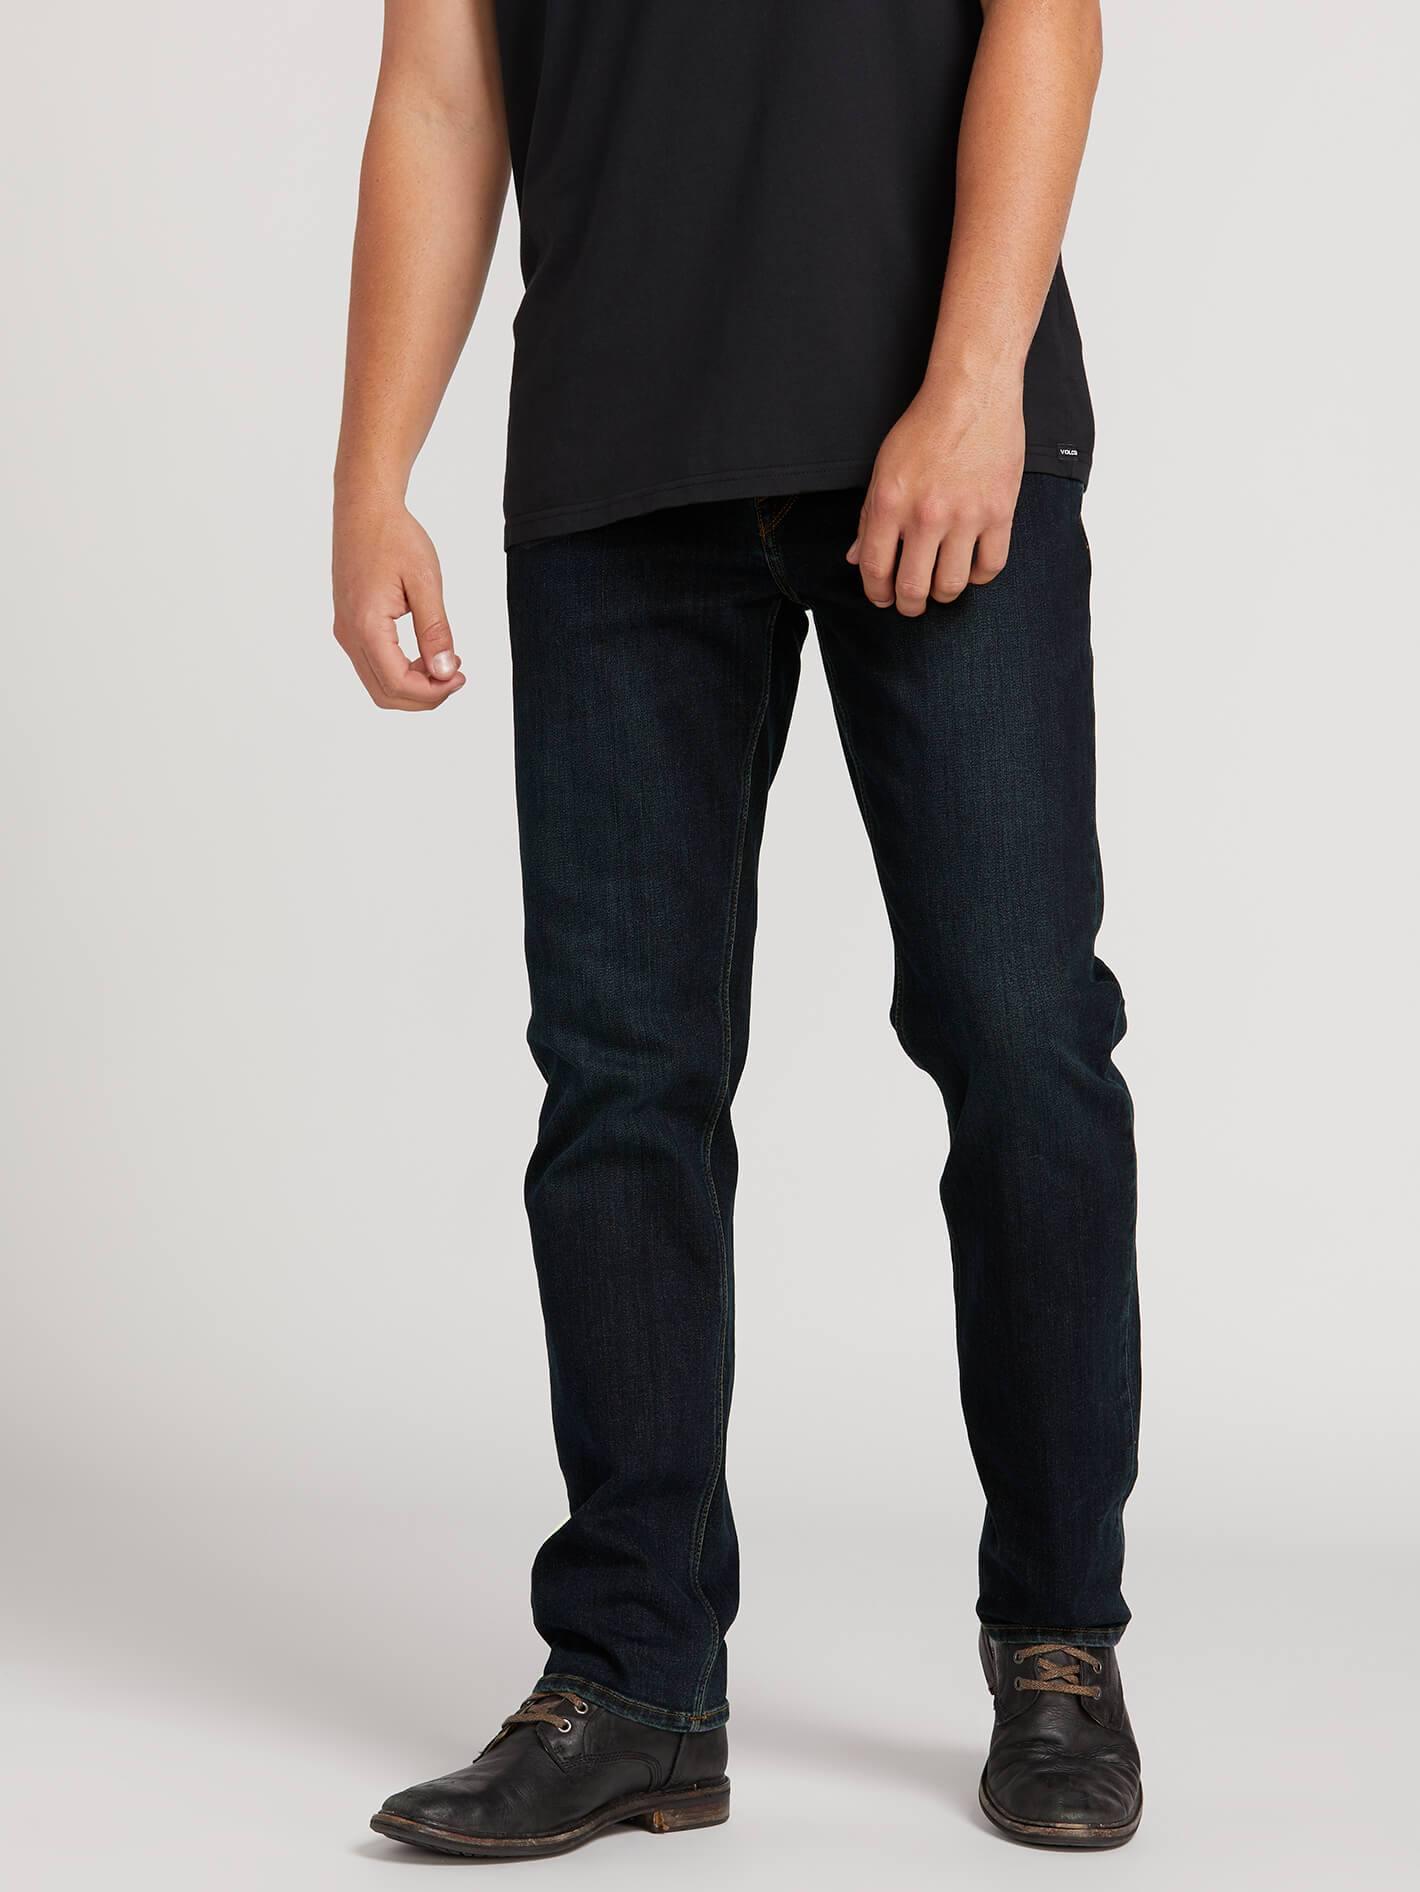 Solver Modern Fit Jeans - Vintage Blue - VINTAGE BLUE / 32 / 32